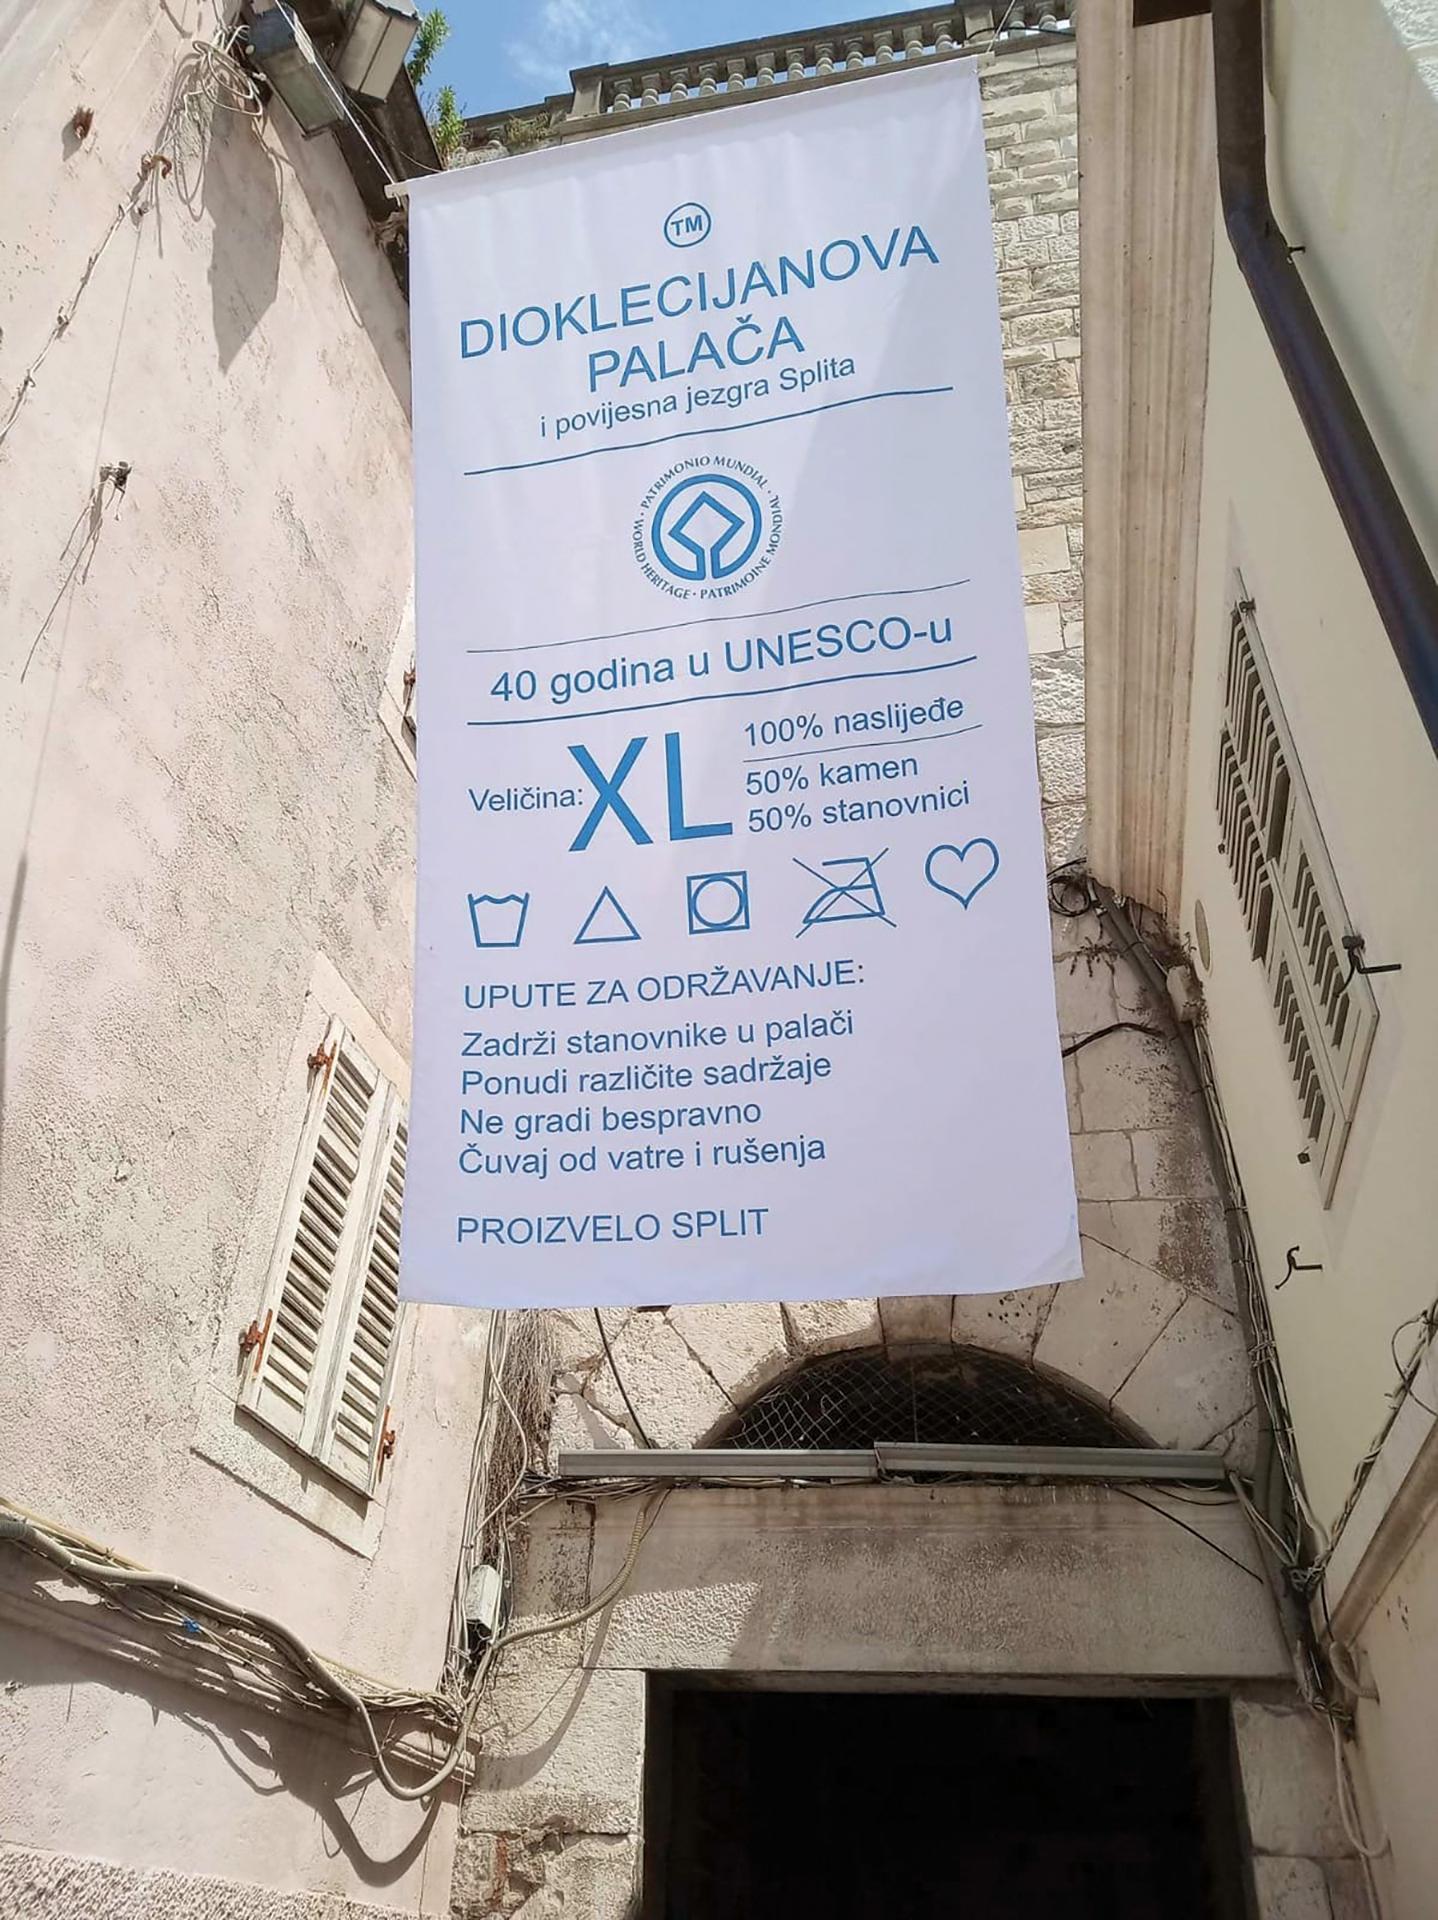 Stjepko Rošin dobio srebrnu nagradu za vizualni identitet 40. obljetnice upisa Dioklecijanove palače i stare gradske jezgre na UNESCO-ovu listu